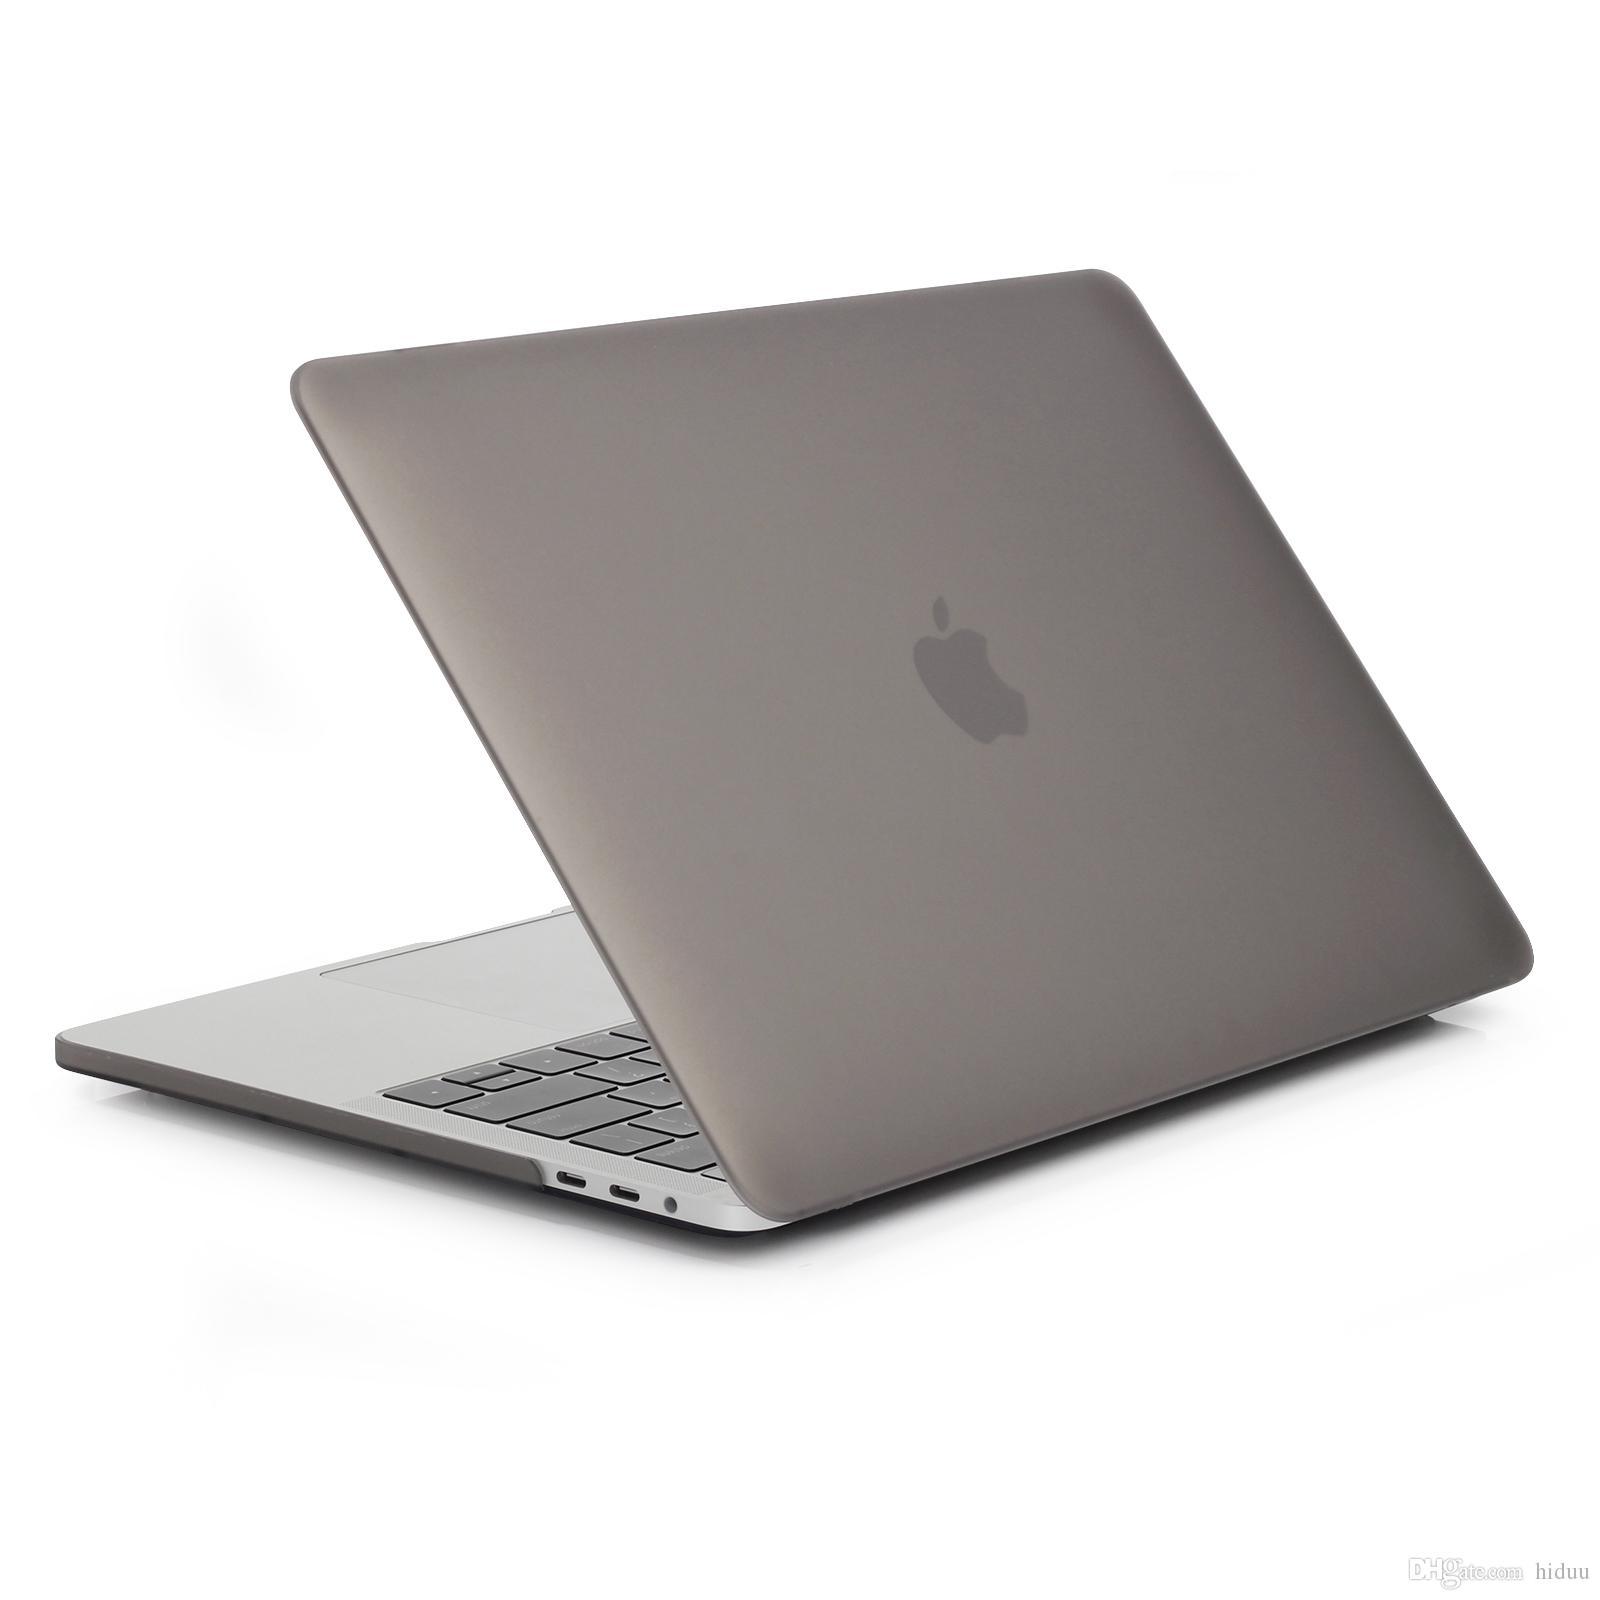 Custodia rigida gommata e copertura tastiera Macbook Pro 13 pollici NUOVA VERSIONE - Edizione ottobre 2016 con / senza Touch Bar Touch ID